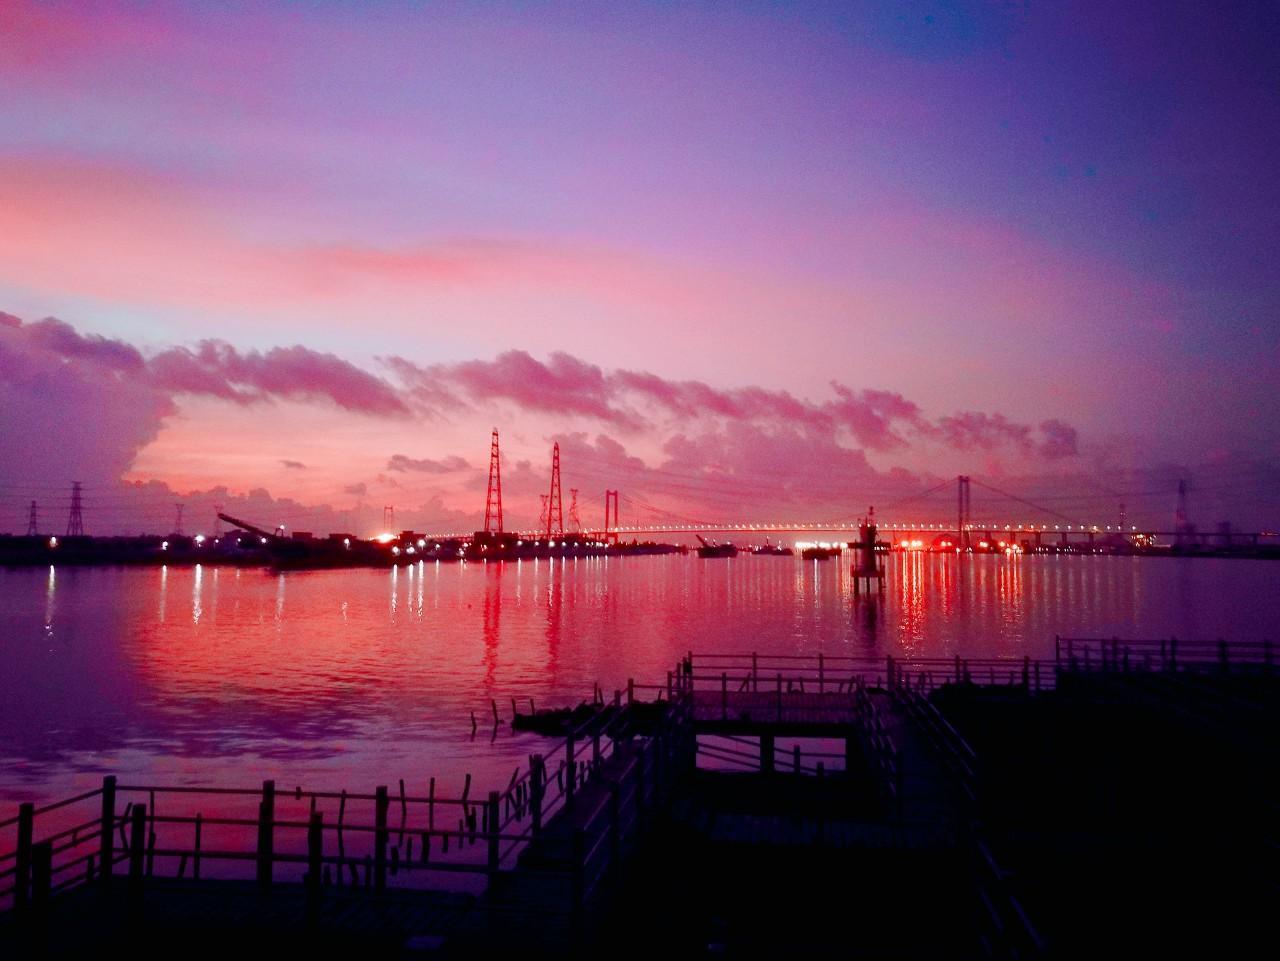 粤港澳大湾区:打造国际一流湾区和城市群